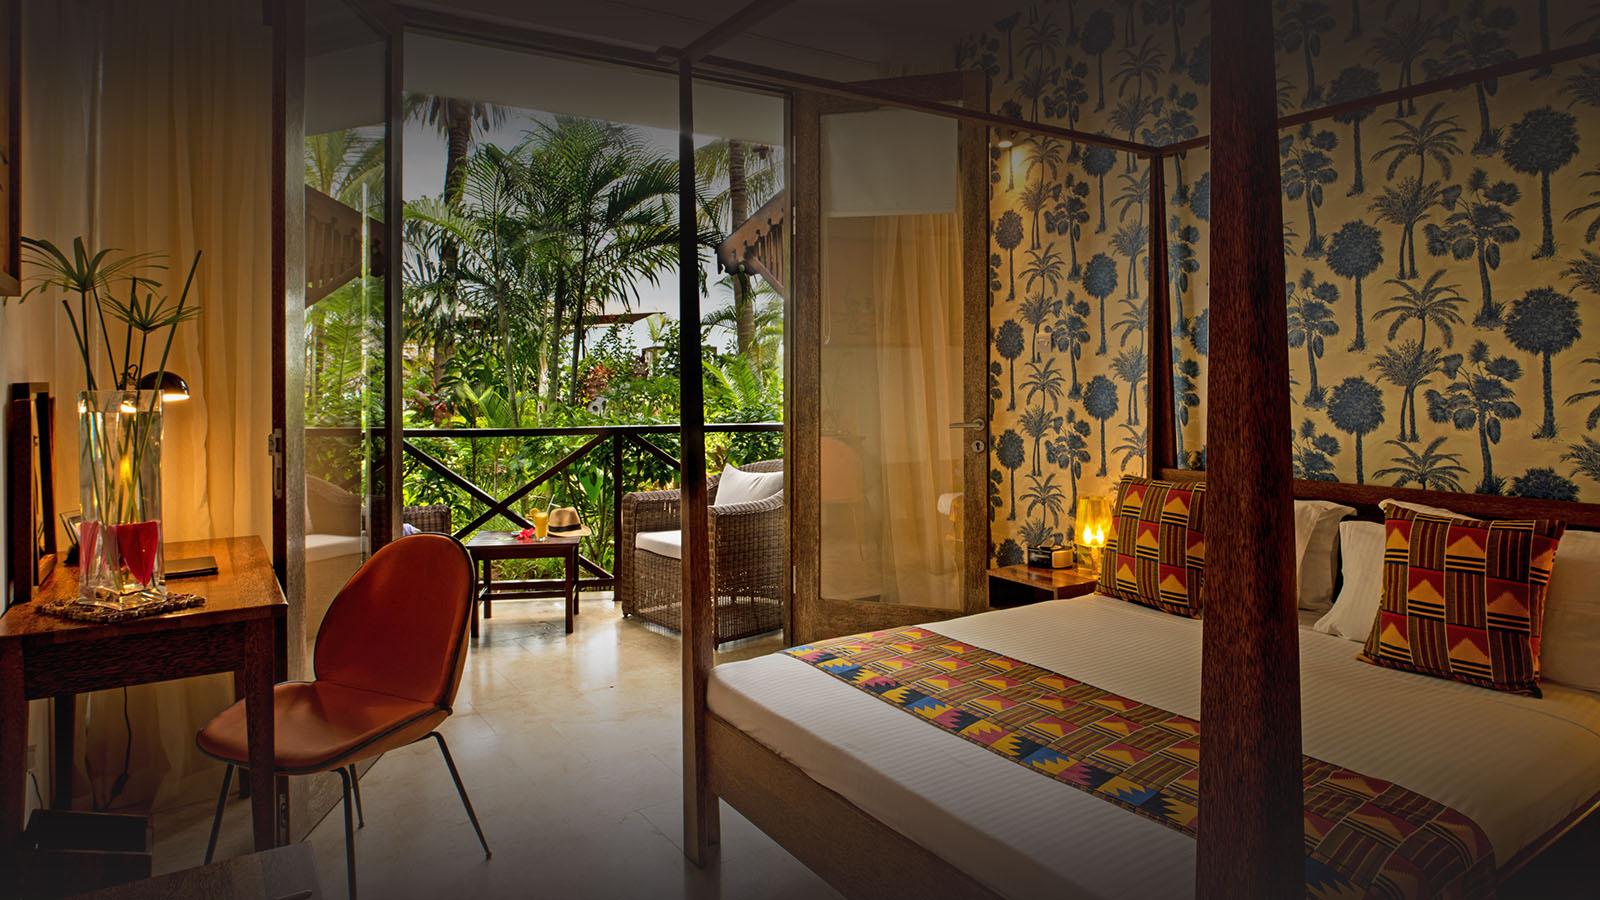 the z hotel tanzania-lodges-zambia-in-style-north-zanzibar-bedrooms-decor